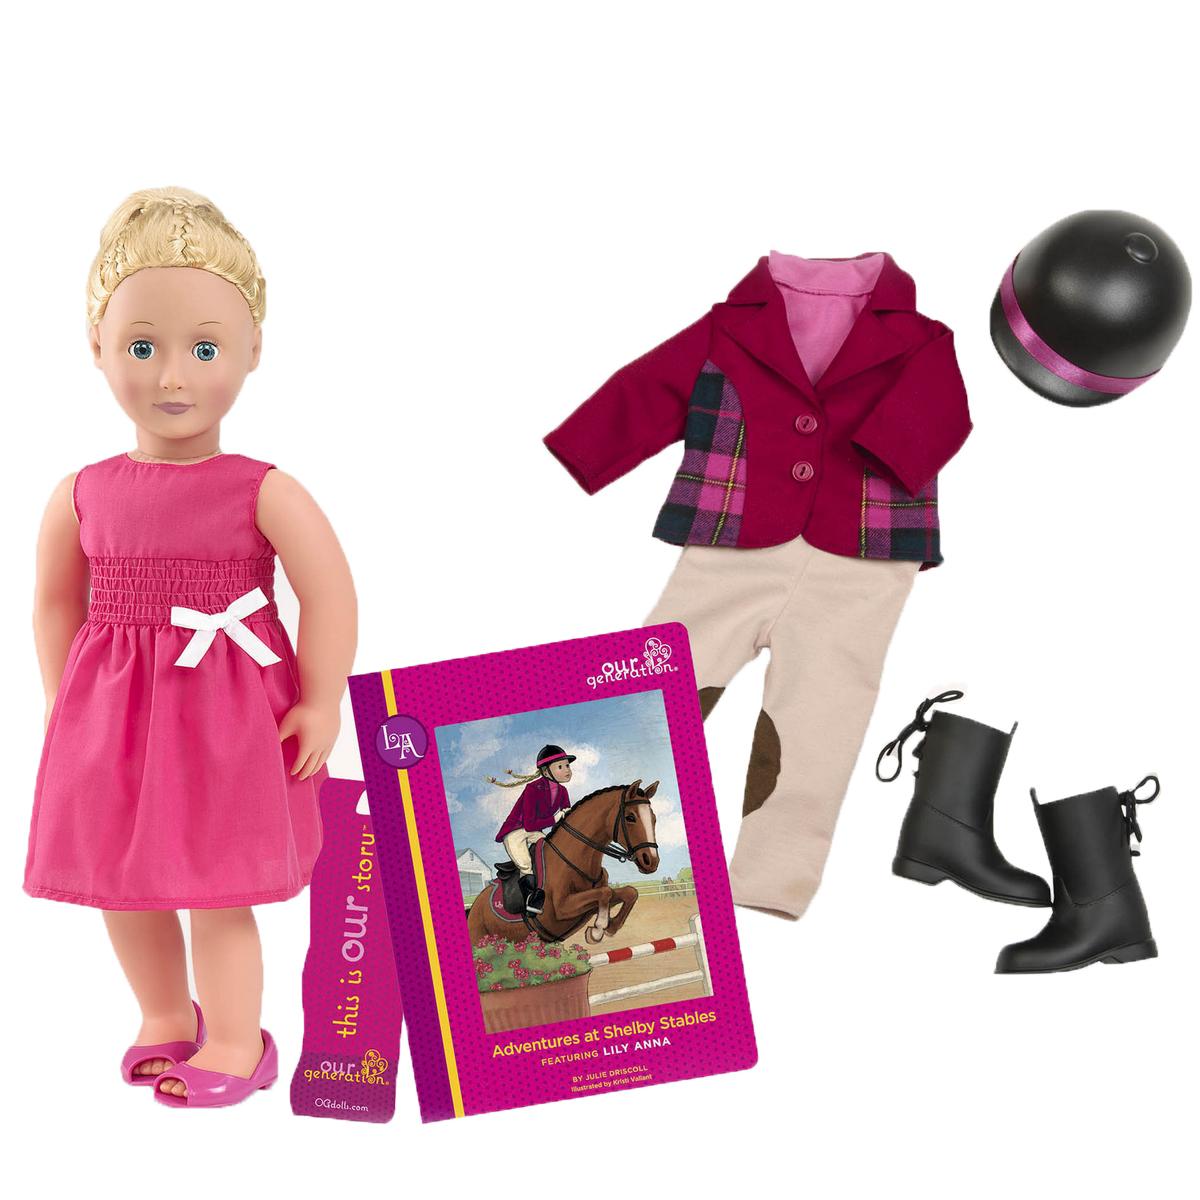 Our Generation Игровой набор с куклой Лили Анна и Приключения на конюшнях Шелби11503Игровой набор с куклой Our Generation Лили Анна и Приключения на конюшнях Шелби понравится любой девочке. Лили Анна очень любит лошадей и станет отличным другом для девочки, у которой похожие интересы. У Лили Анны есть множество аксессуаров и, конечно же, своя милая история, о которой ты можешь узнать из книжки, входящей в данный набор. Тело куколки Холли мягко-набивное, а голова, ноги и руки выполнены из винила. Данный материал нетоксичен и не вызывает аллергии. Набор выпускается с 2 полными комплектами одежды и множеством забавных аксессуаров. В комплект входит: кукла со сгибающимися ножками и ручками, розовое летнее платье, пара туфелек, бриджи для верховой езды, пара сапожек для верховой езды, футболка с воротничком-стоечкой, пиджачок, шлем для верховой езды, комплект нижнего белья, кувшин для лимонада, 2 стаканчика и 2 ломтика лимона, объявление о продаже лимонада, порядковый номер для соревнований по верховой езде, плакат о соревнованиях, призовая лента, книга с...